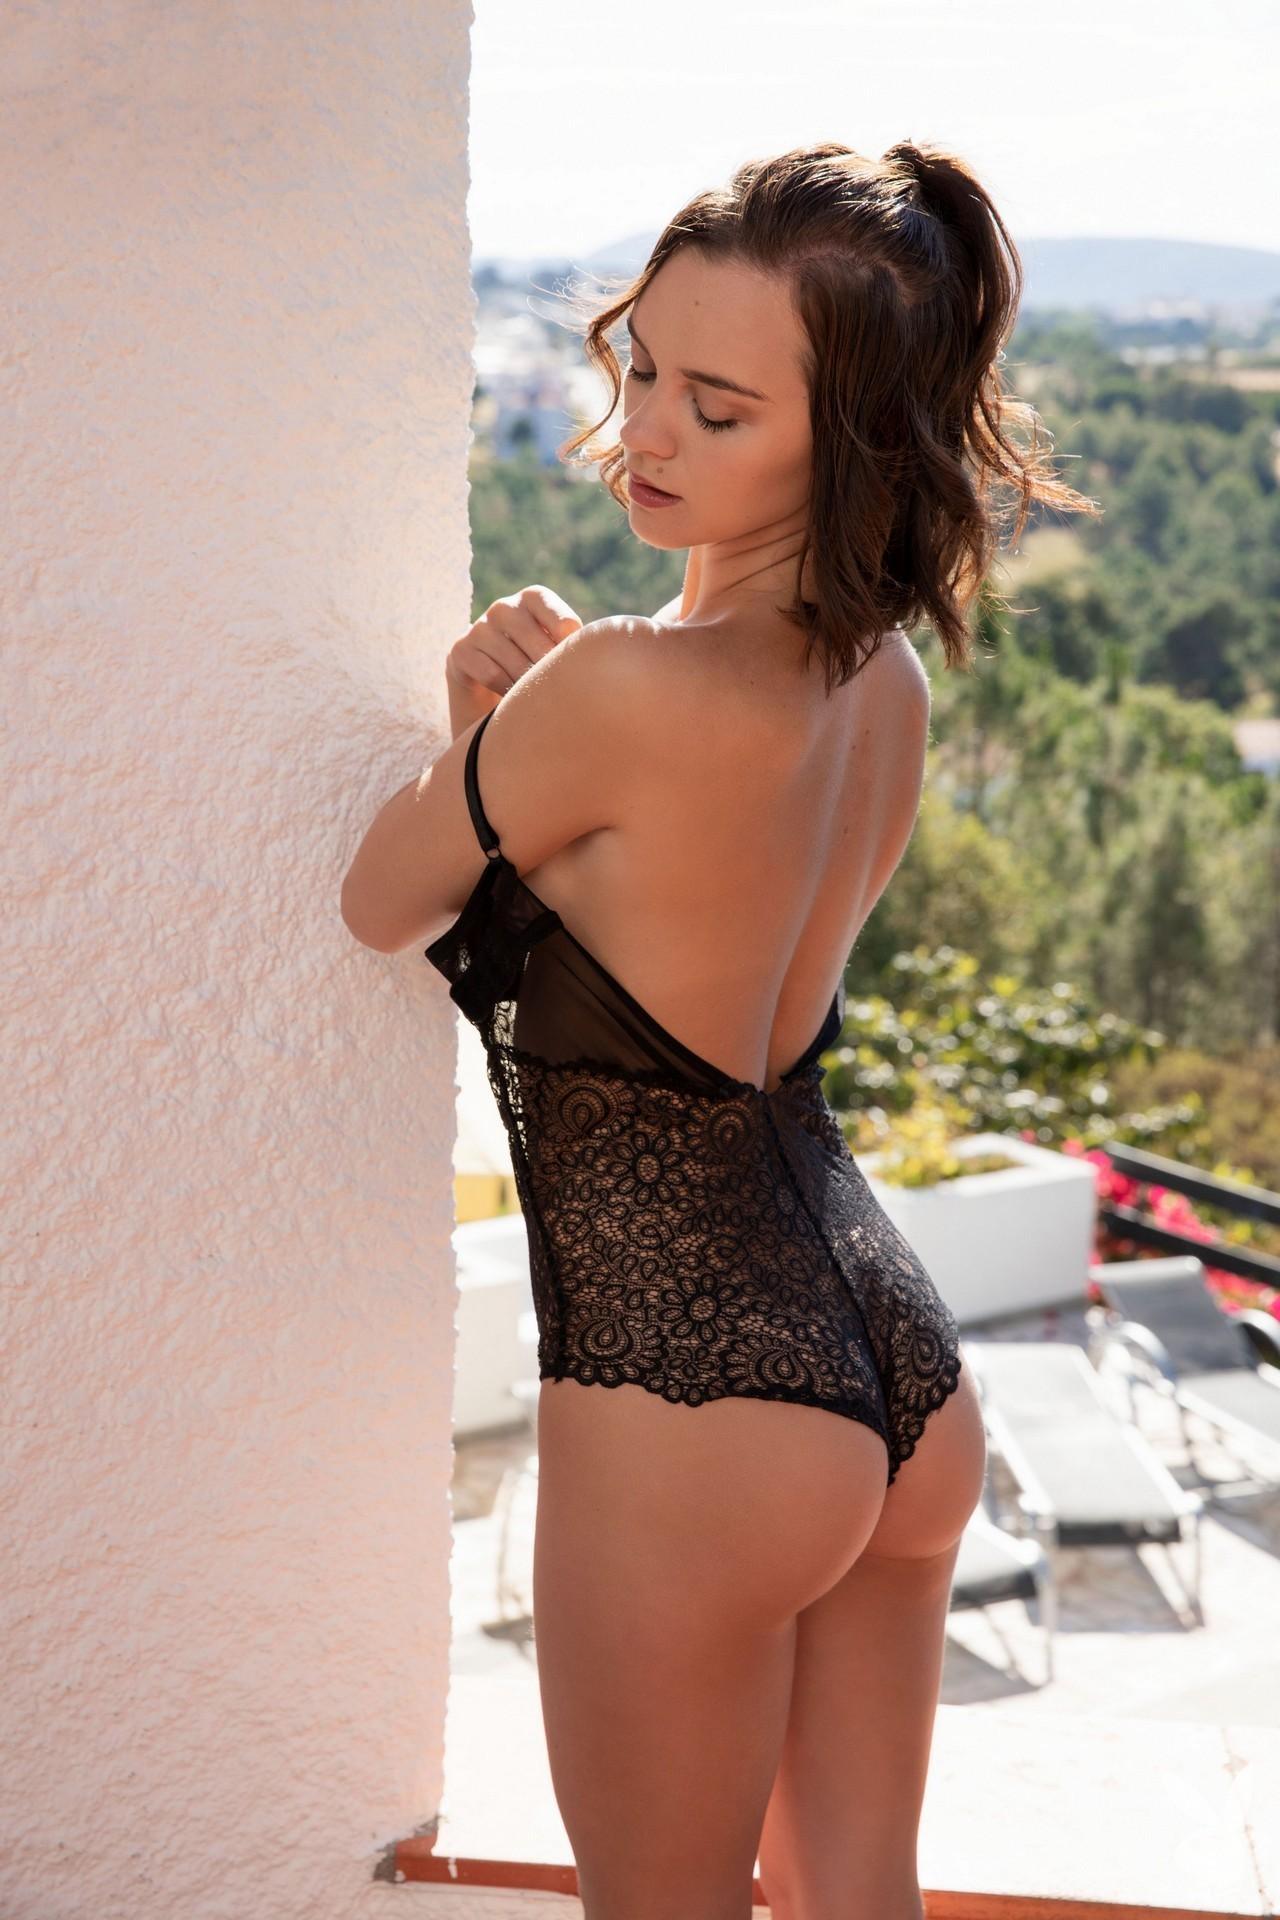 Marine Lecourt - Playboy photoshoot